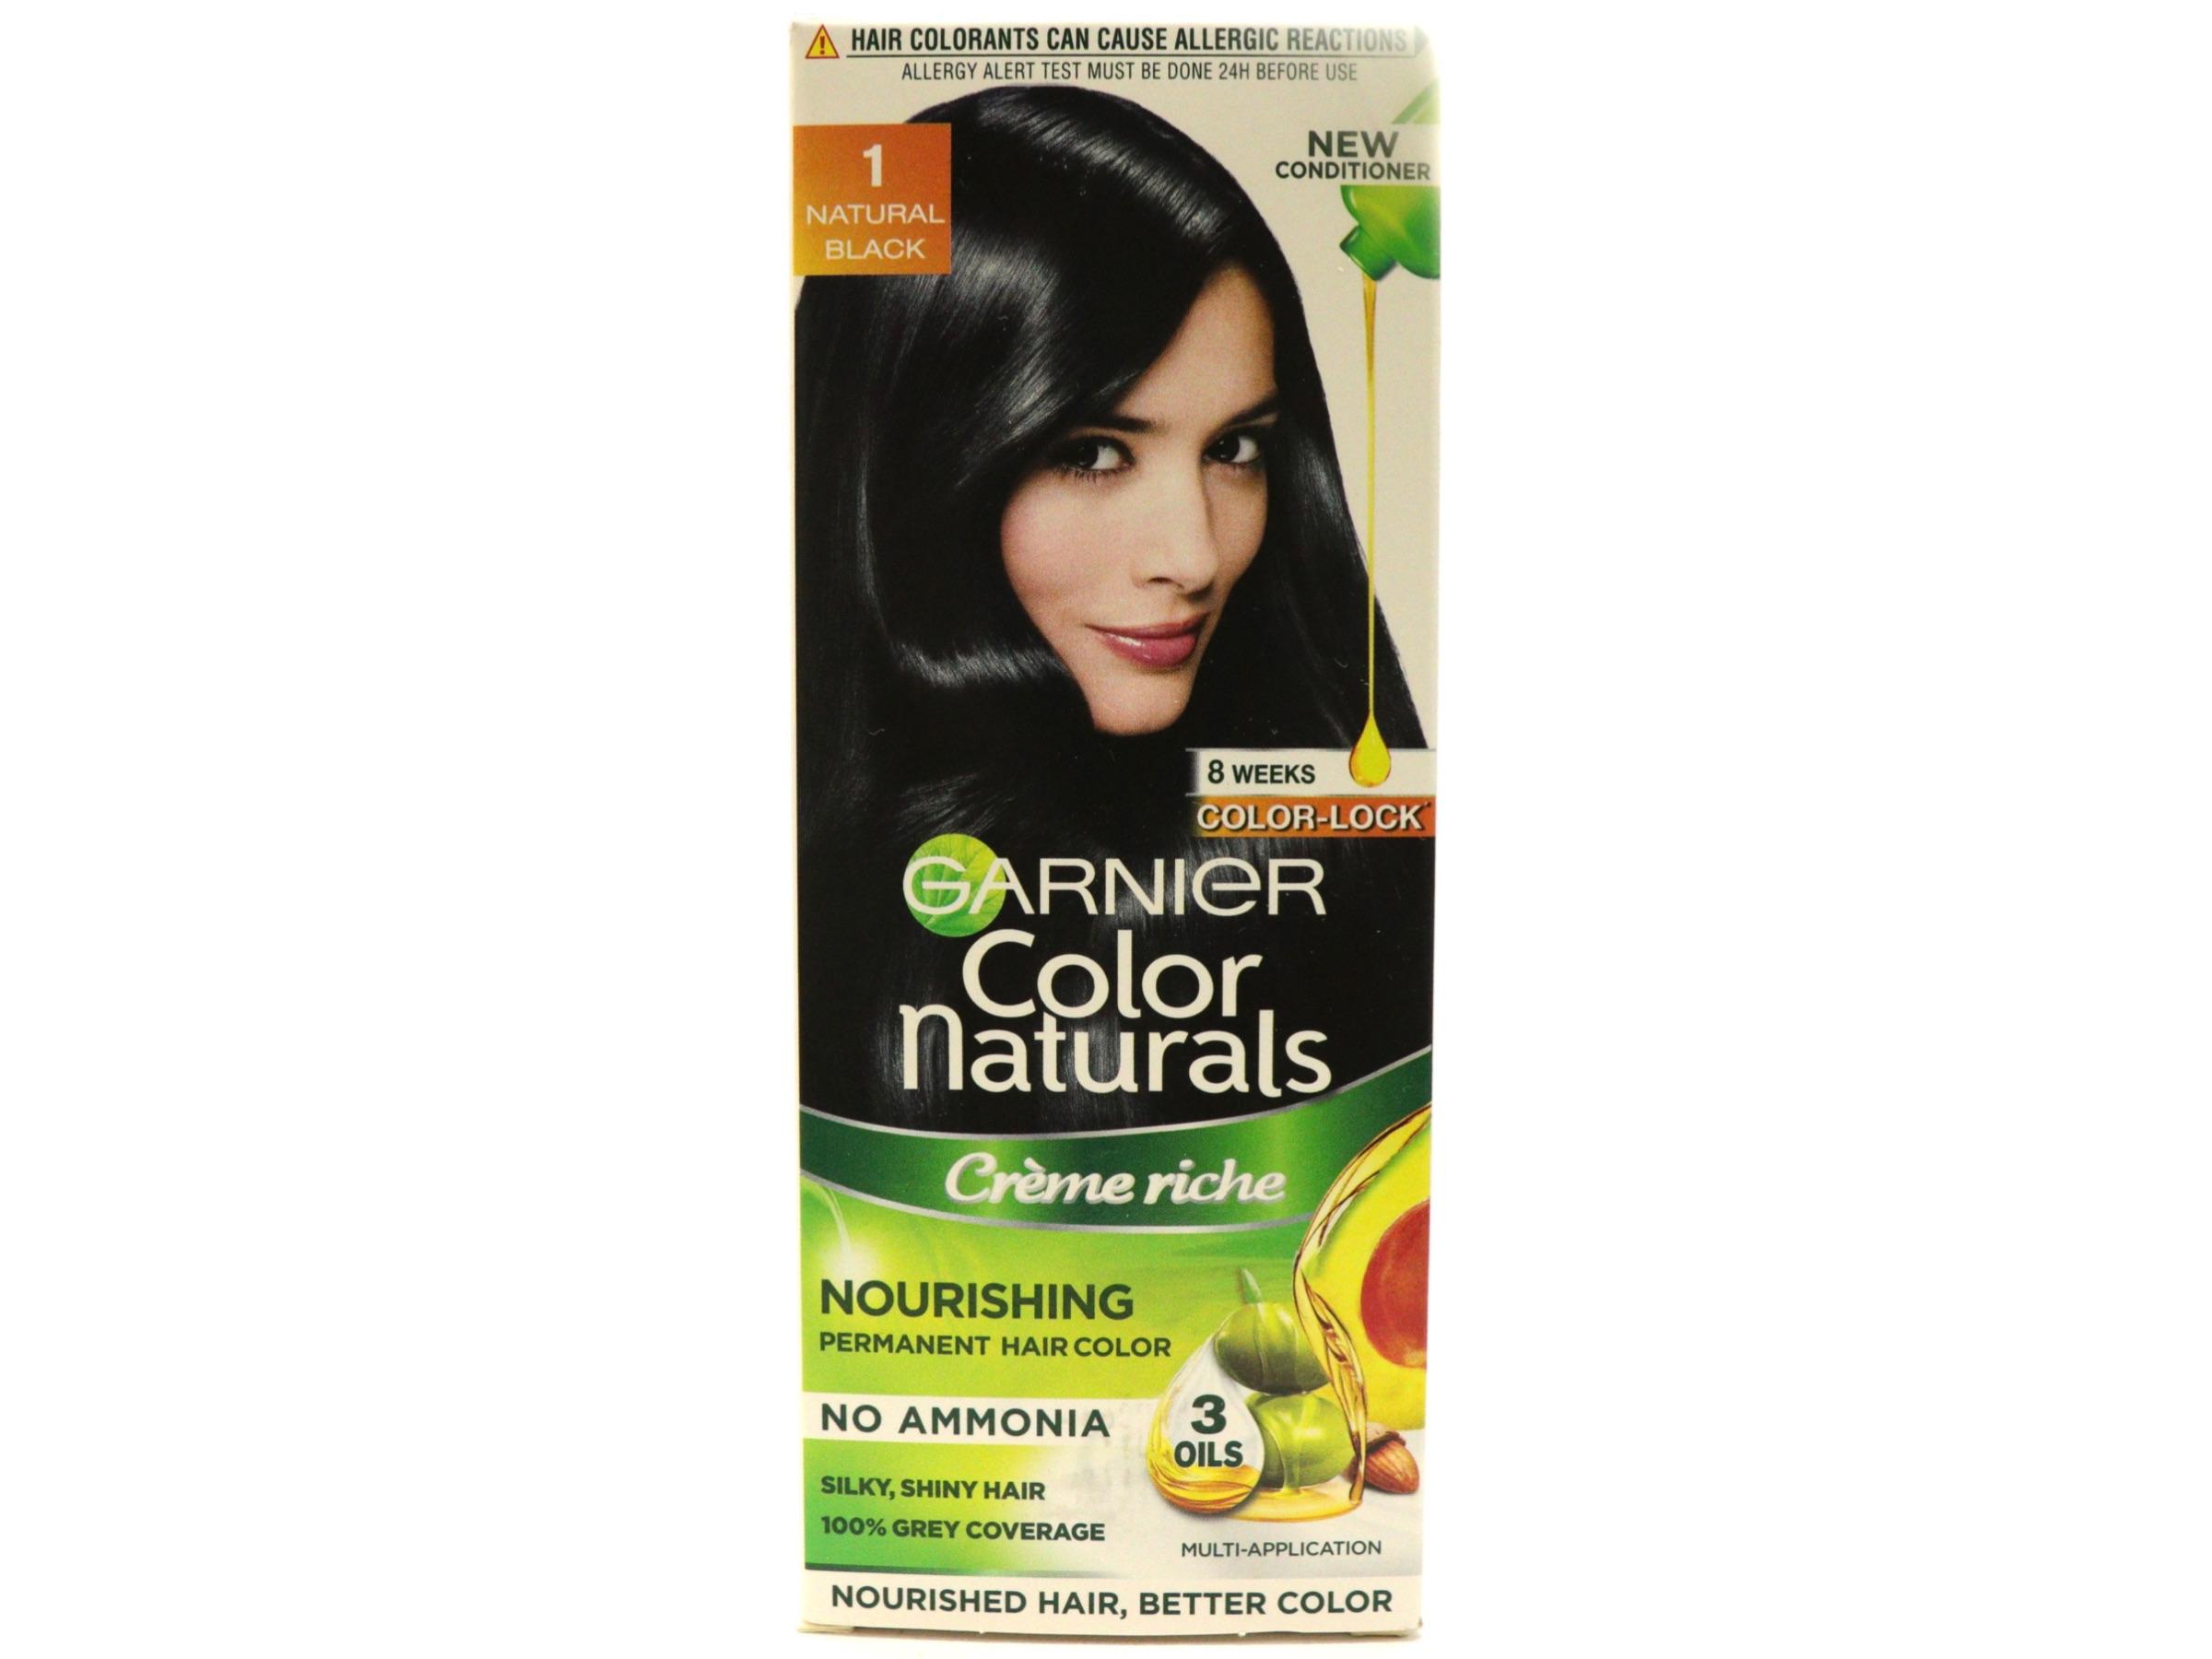 Garnier Color Naturals Creme Rich Hair Color Natural Black 1 Review